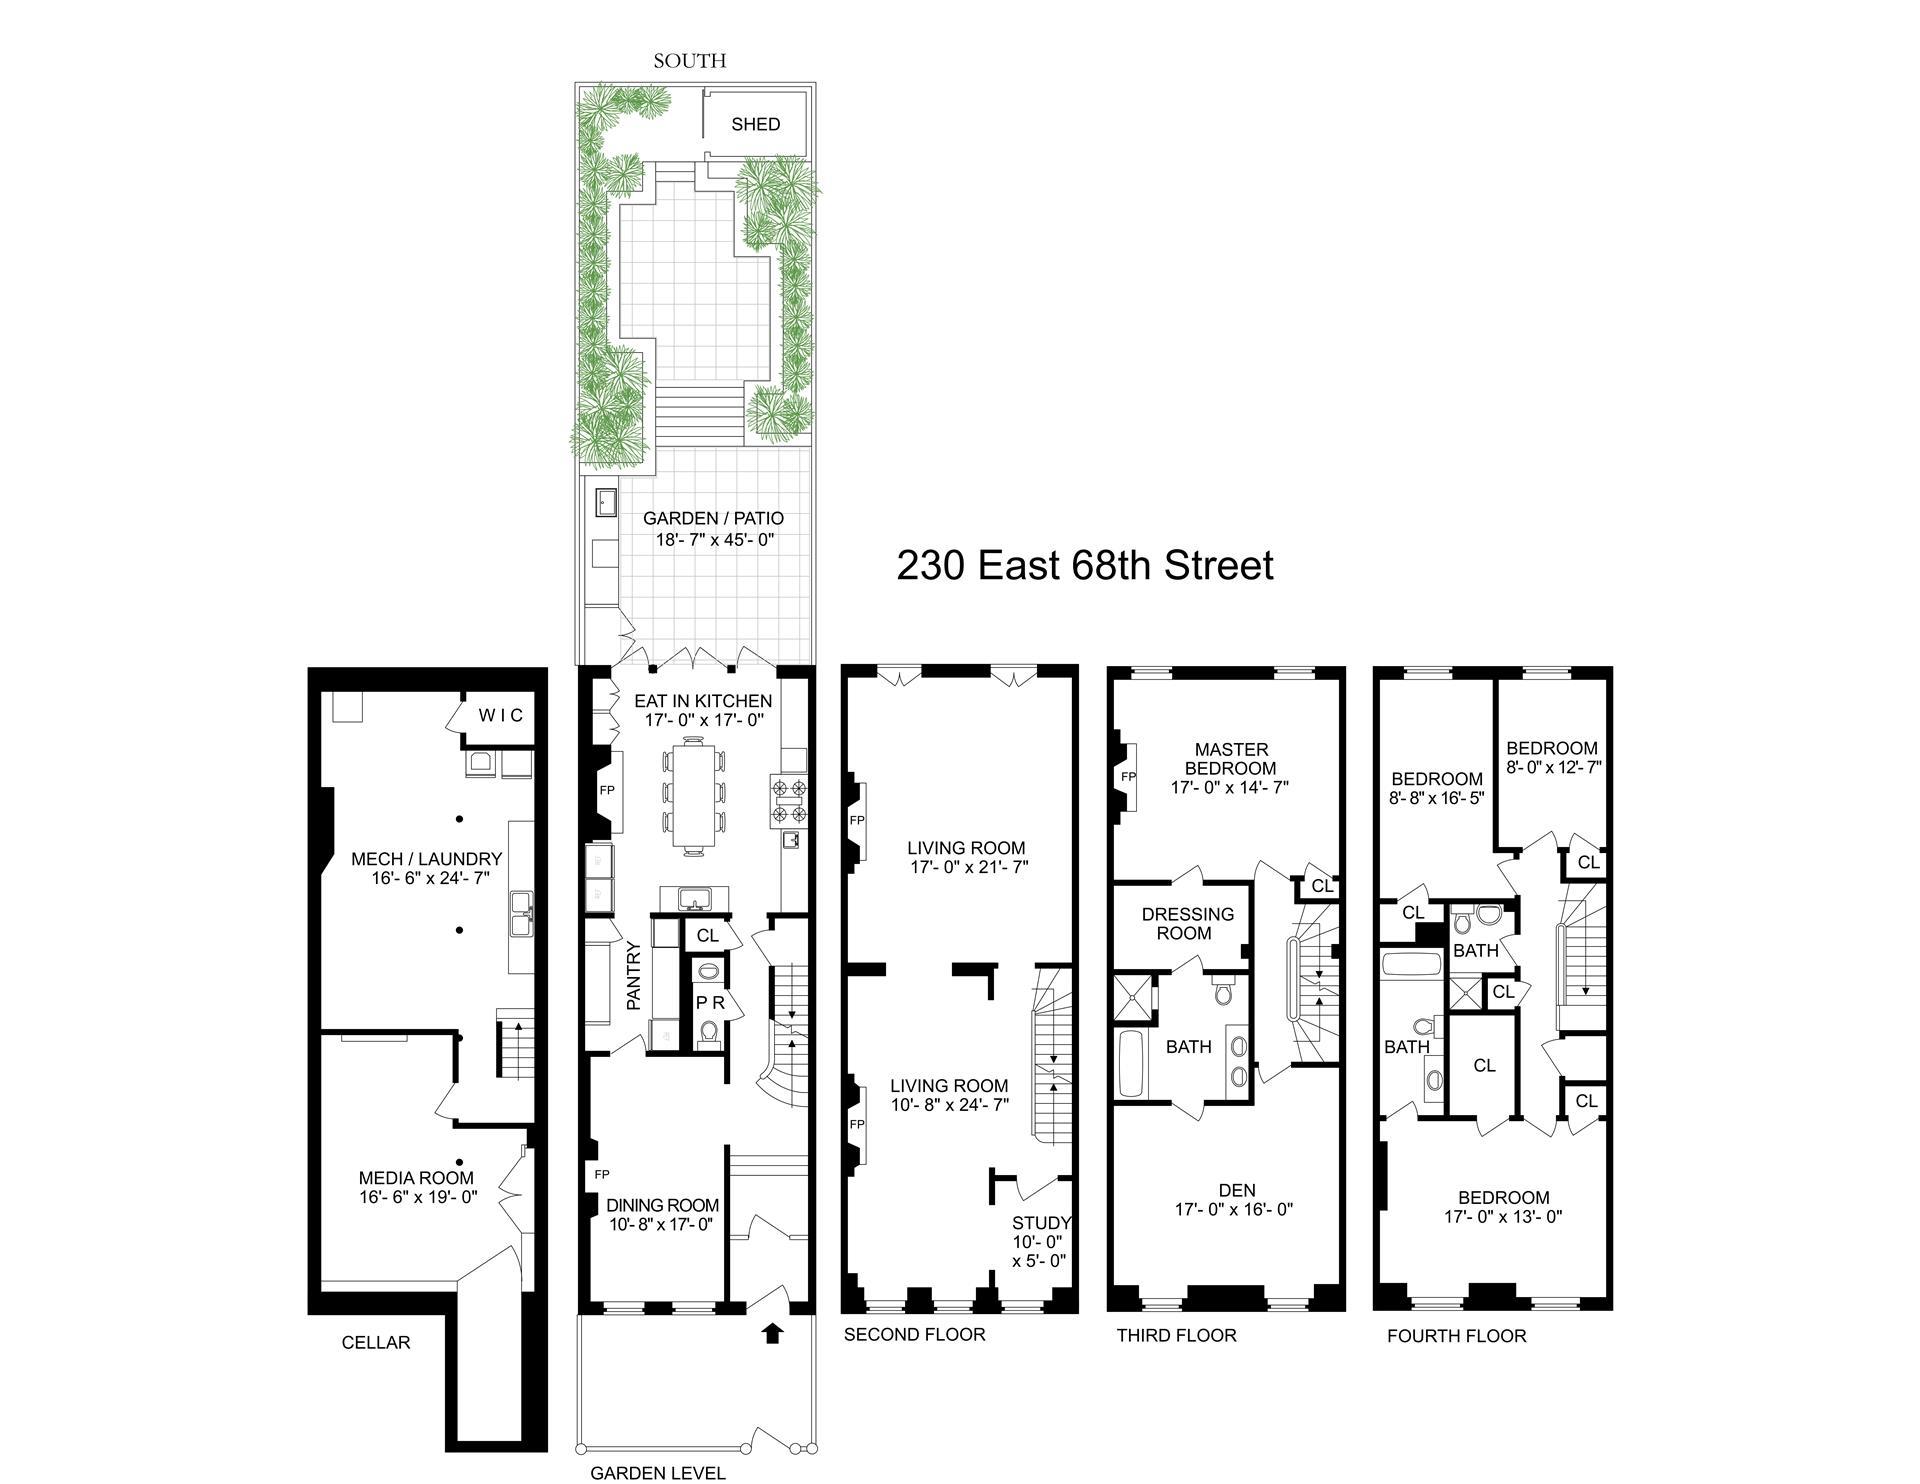 Floor plan of 230 East 68th St - Upper East Side, New York